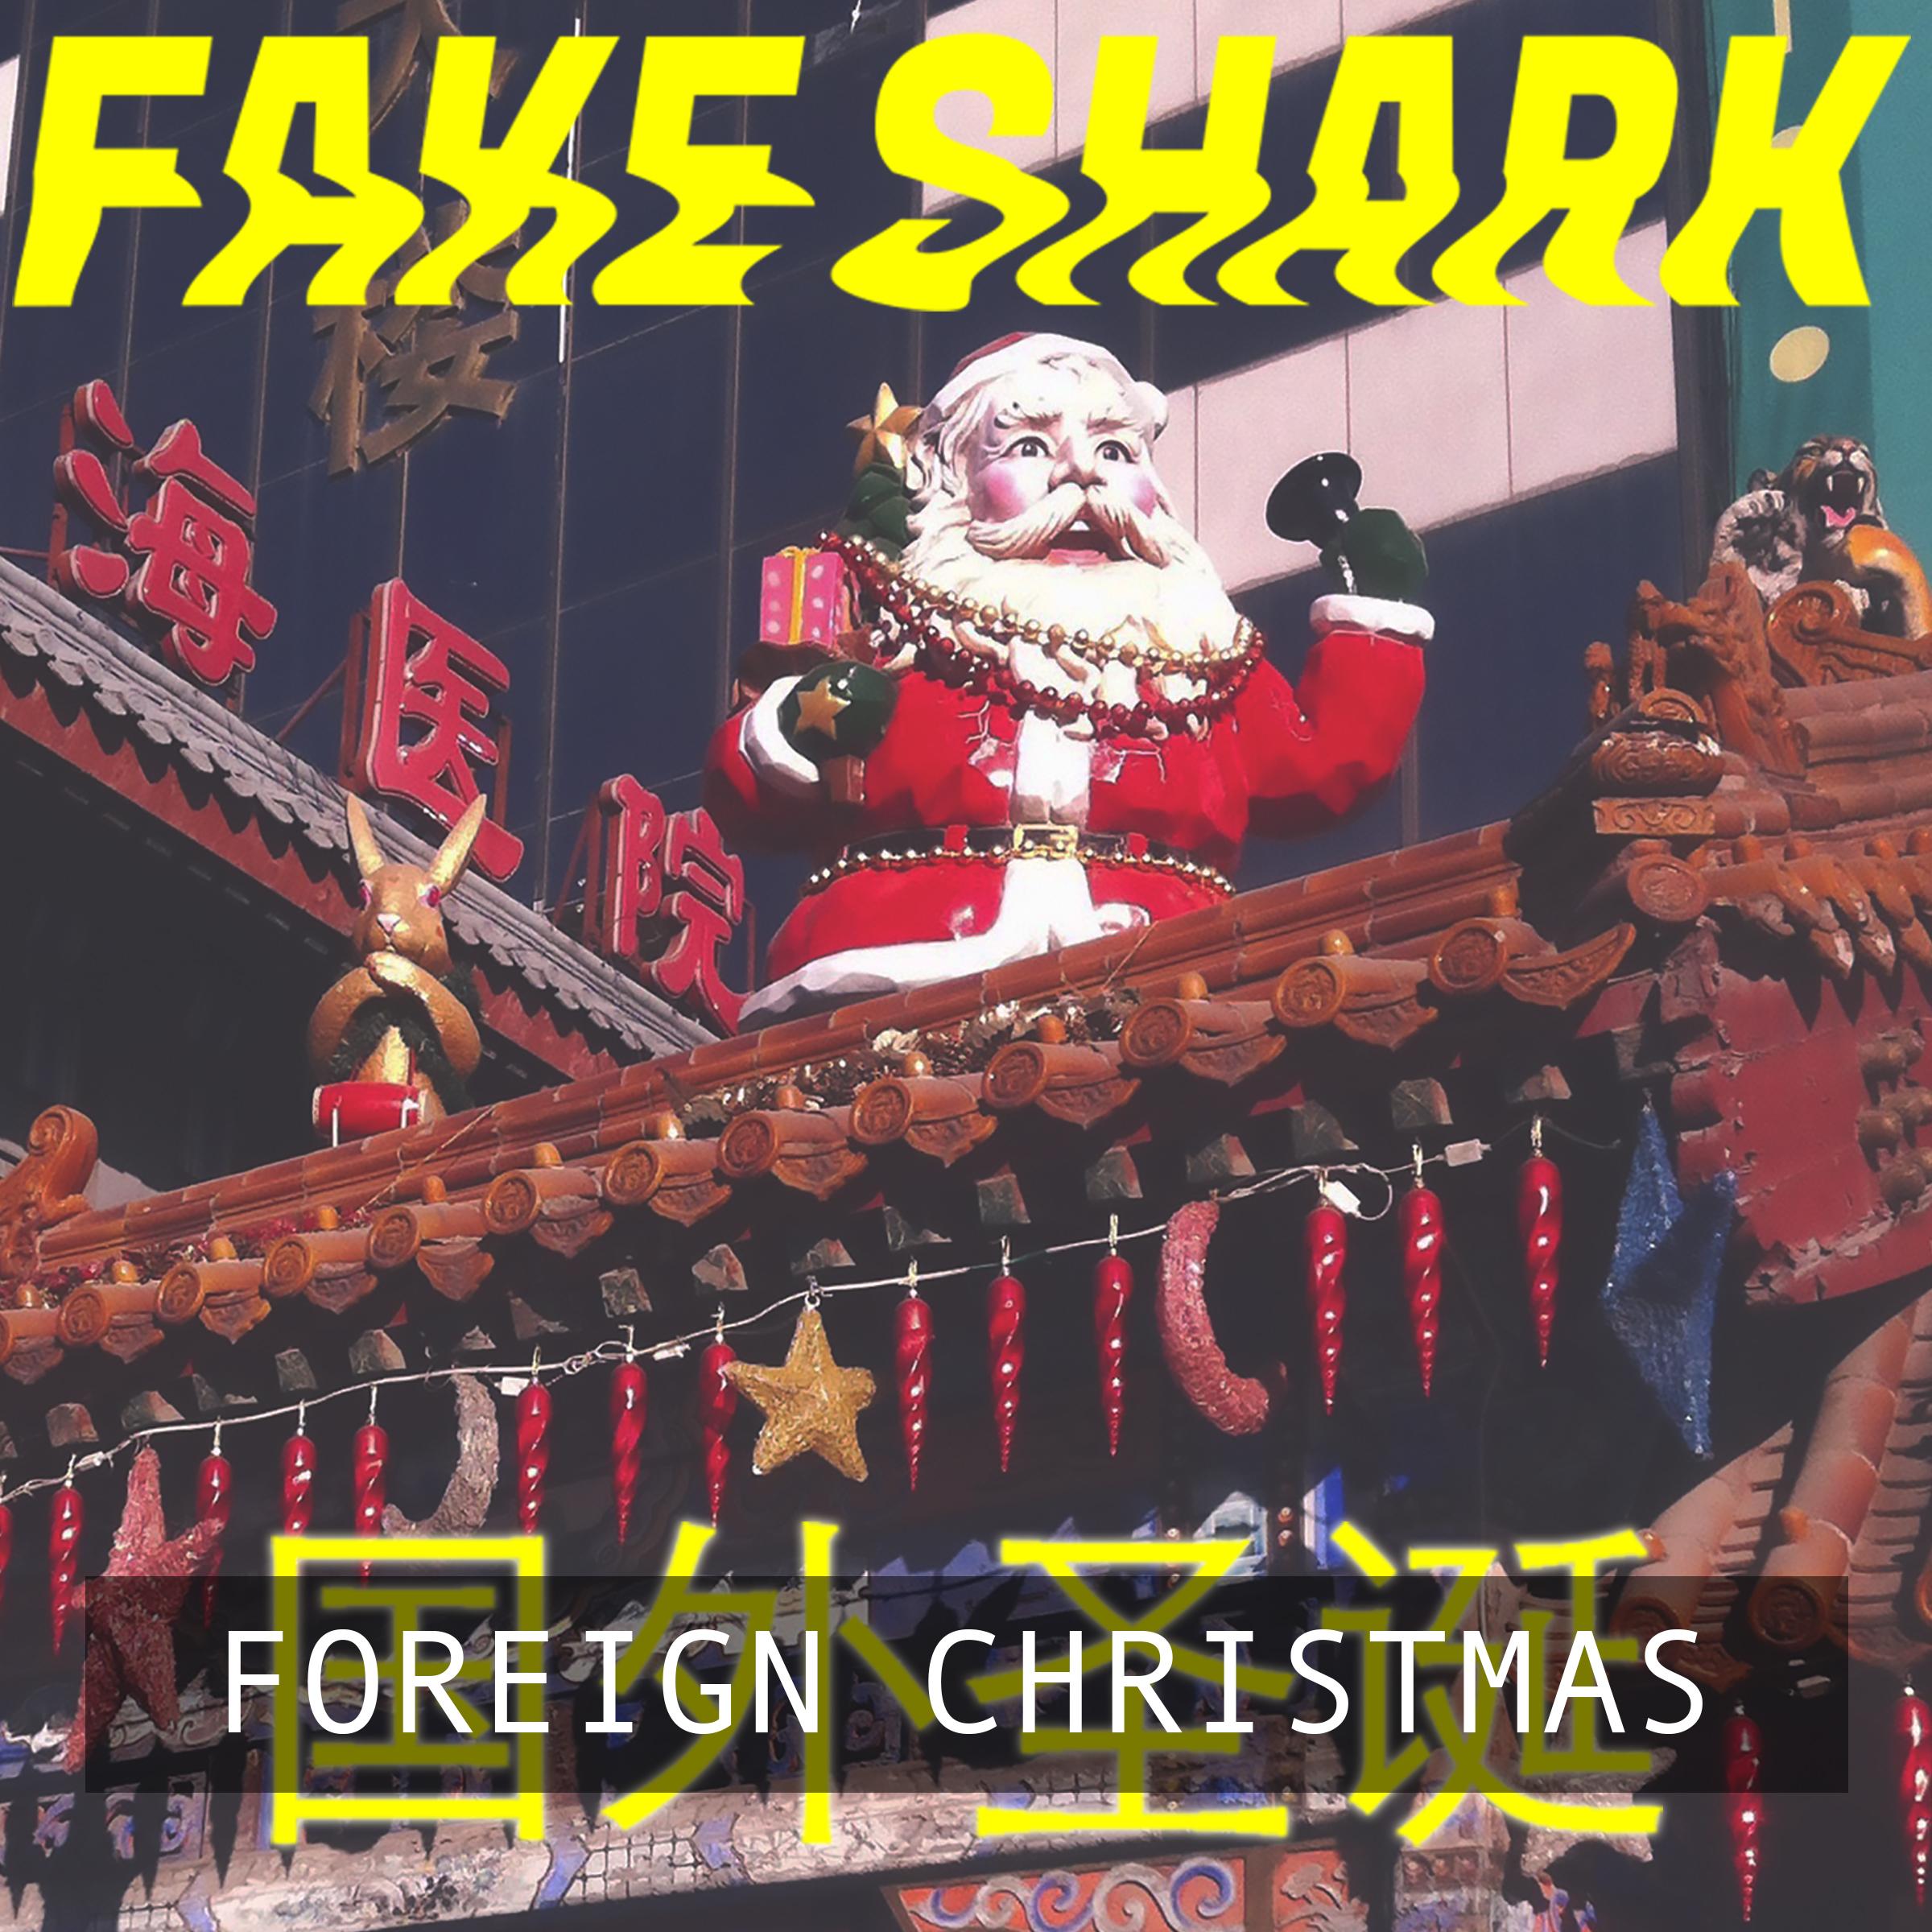 ForeignChristmasArt-FakeShark-2400-300.jpg